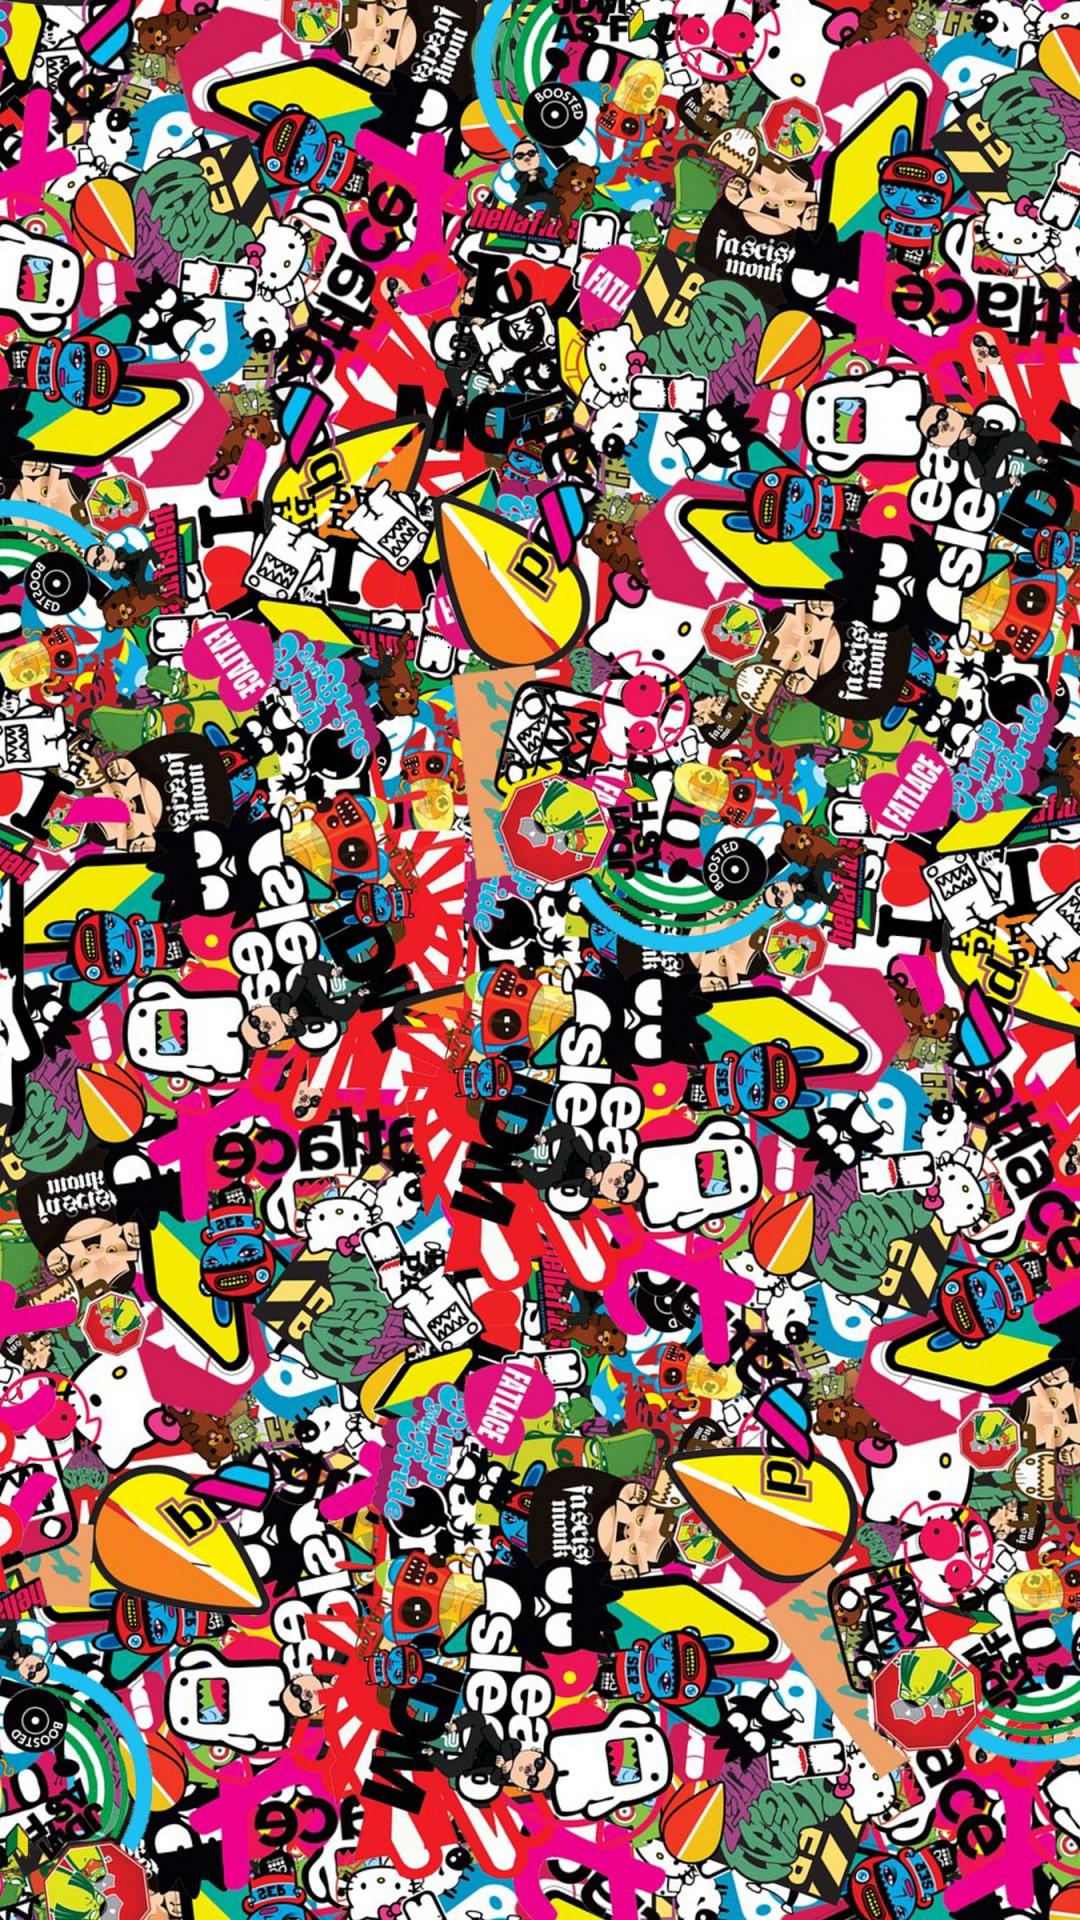 JDM iPhone Wallpaper - WallpaperSafari